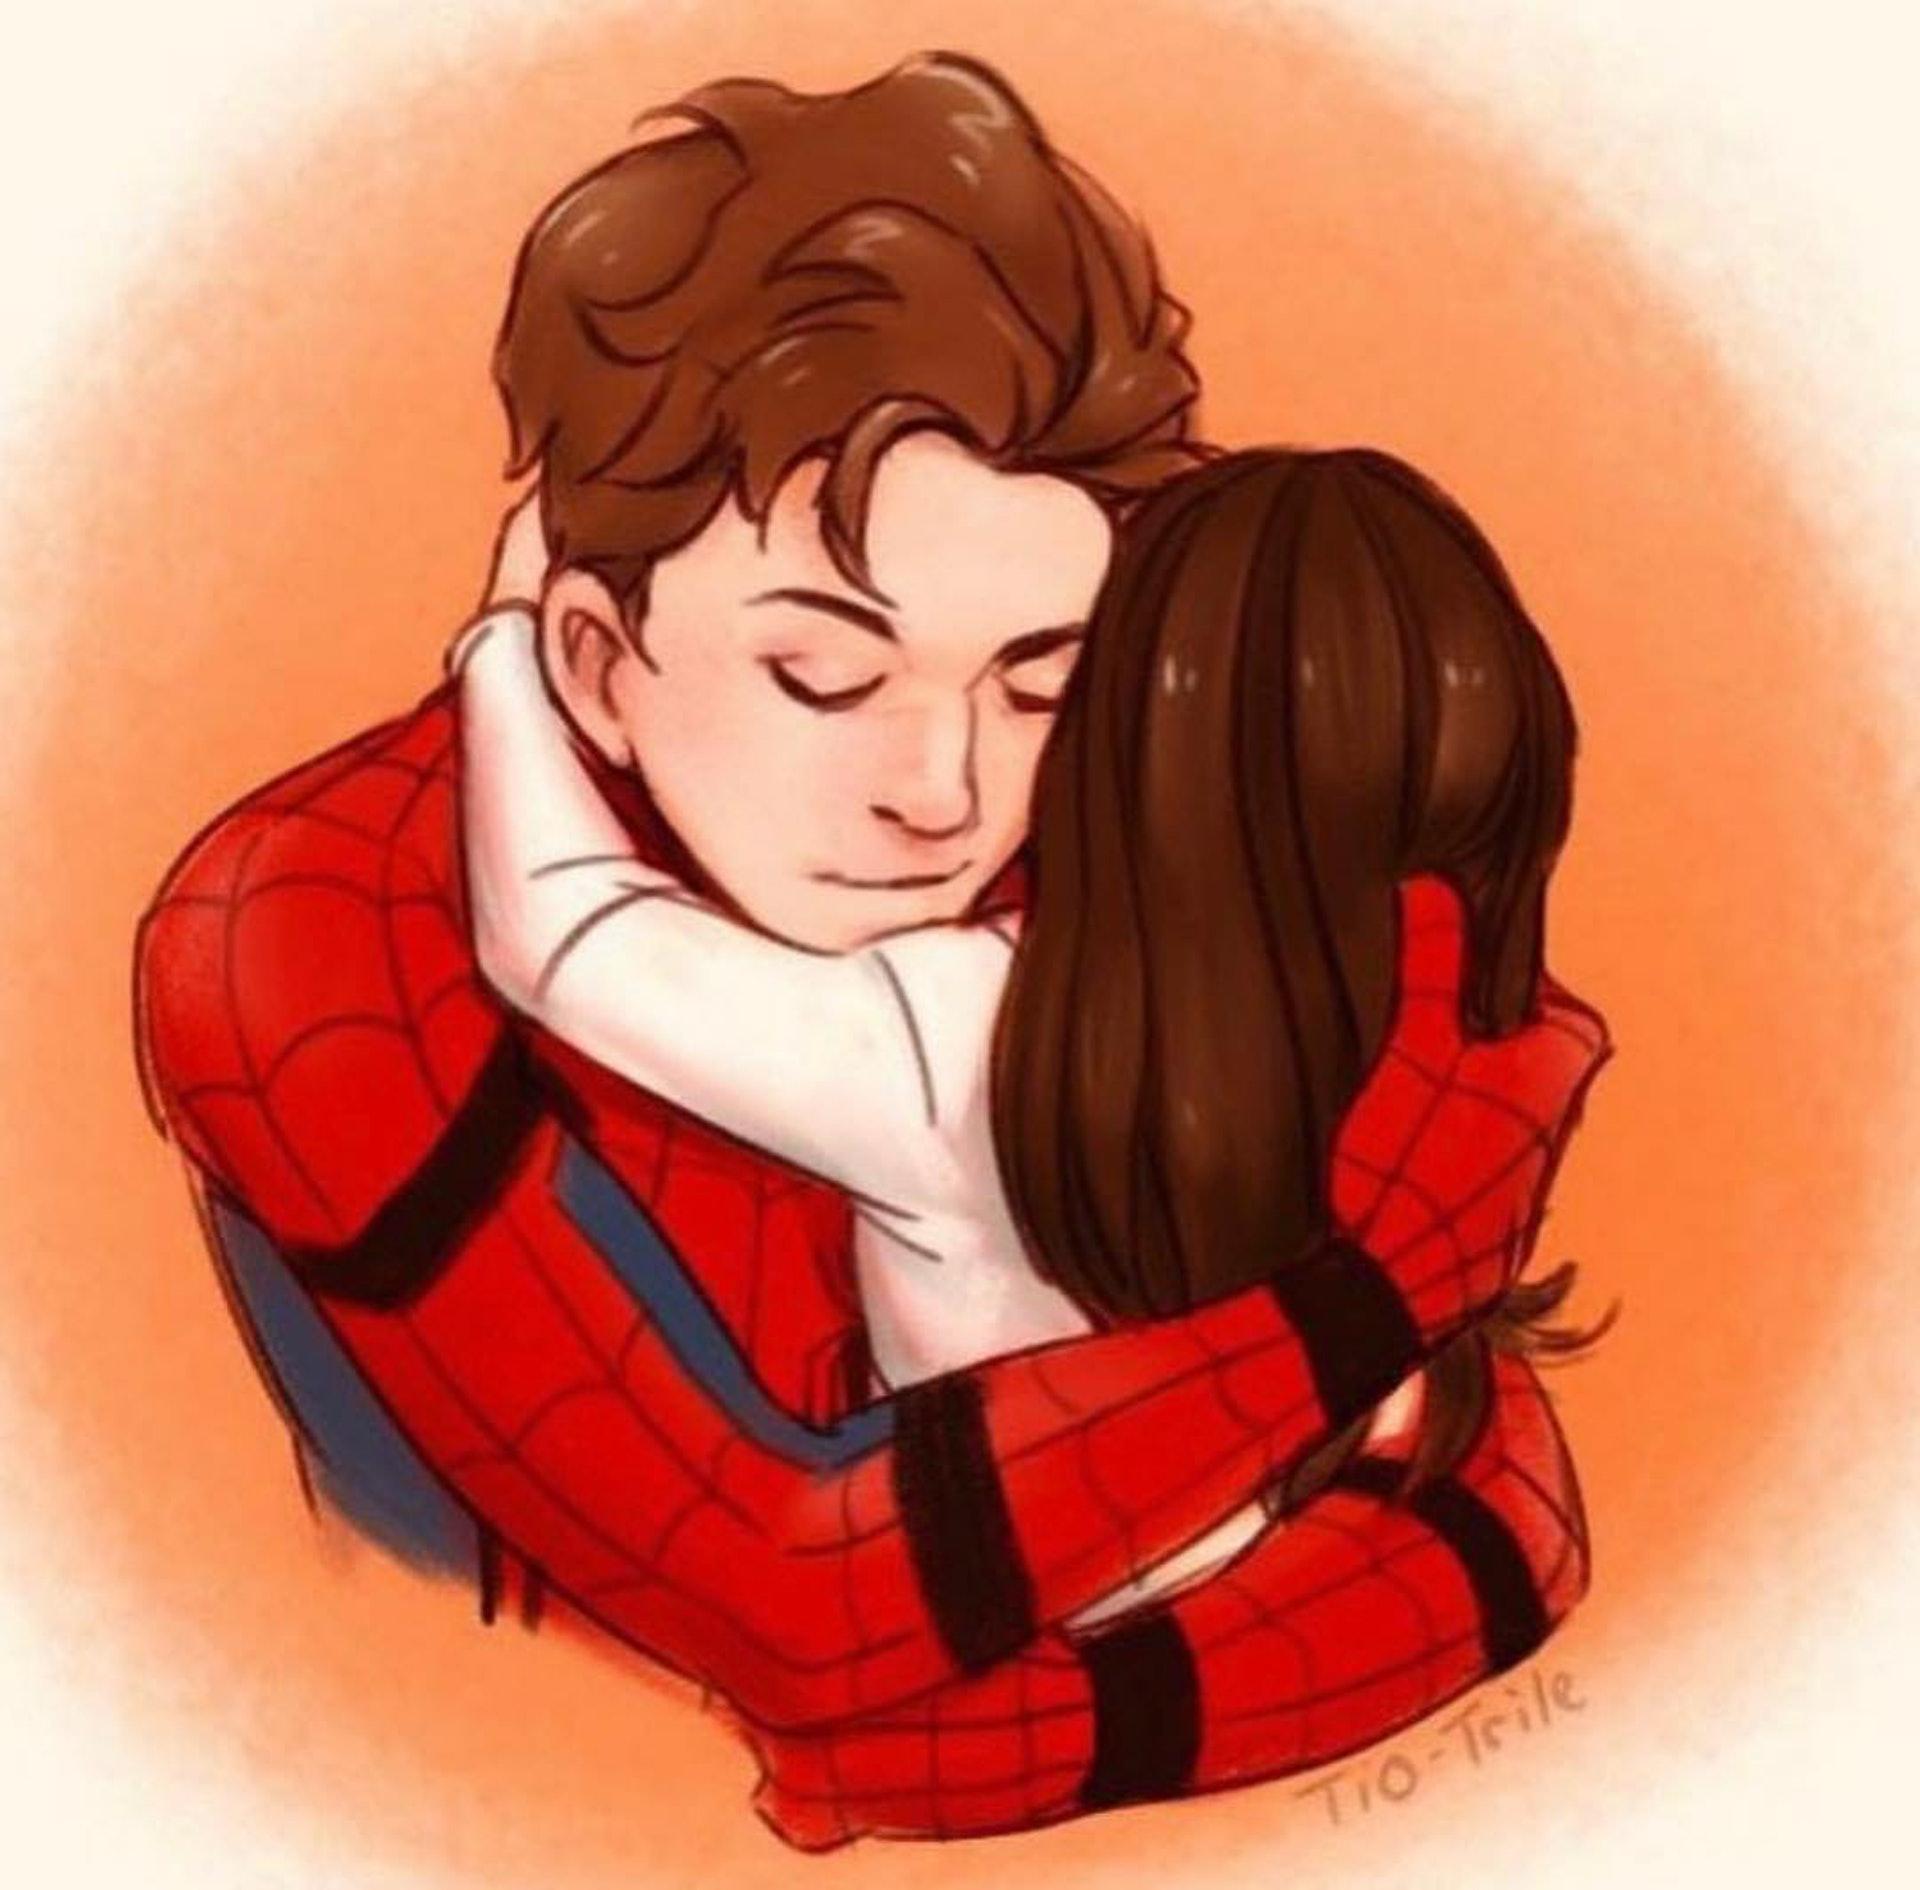 有粉絲已經將「蜘蛛俠」和「Morgan Stark」畫在一起。(rachael.rabez IG 相片)